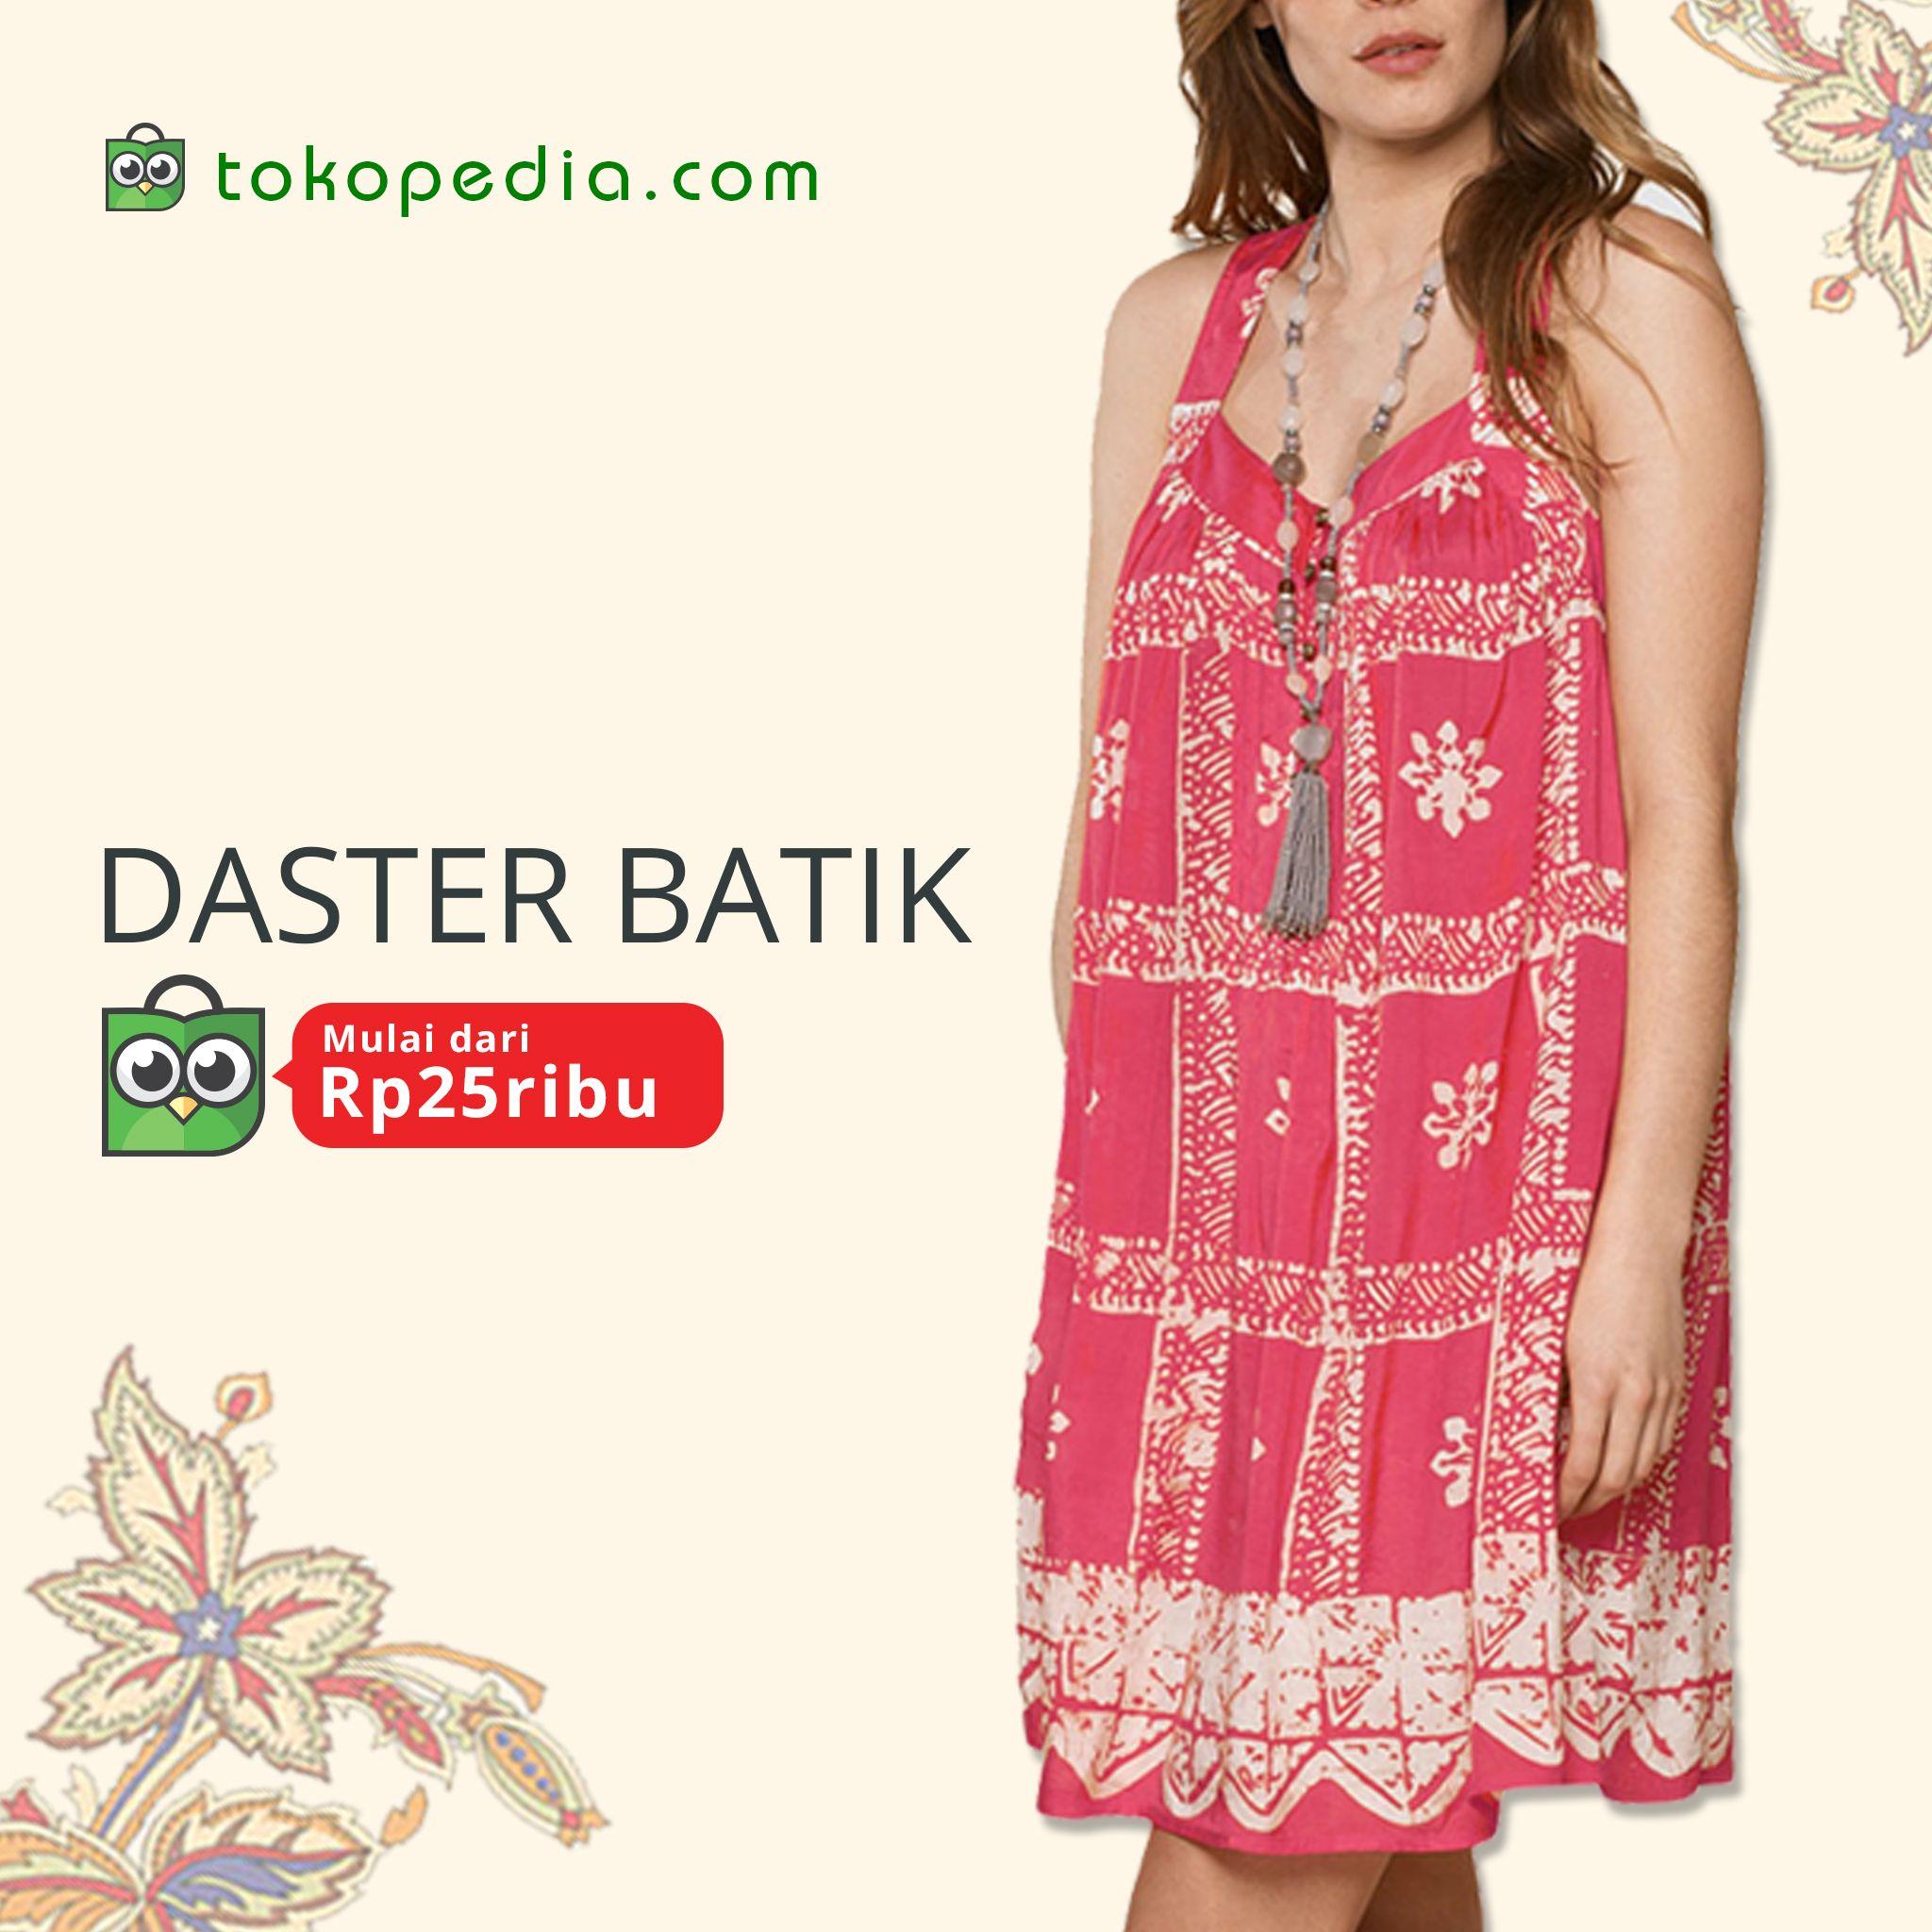 Saya menjual Daster batik solo moroko seharga Rp35000 Dapatkan